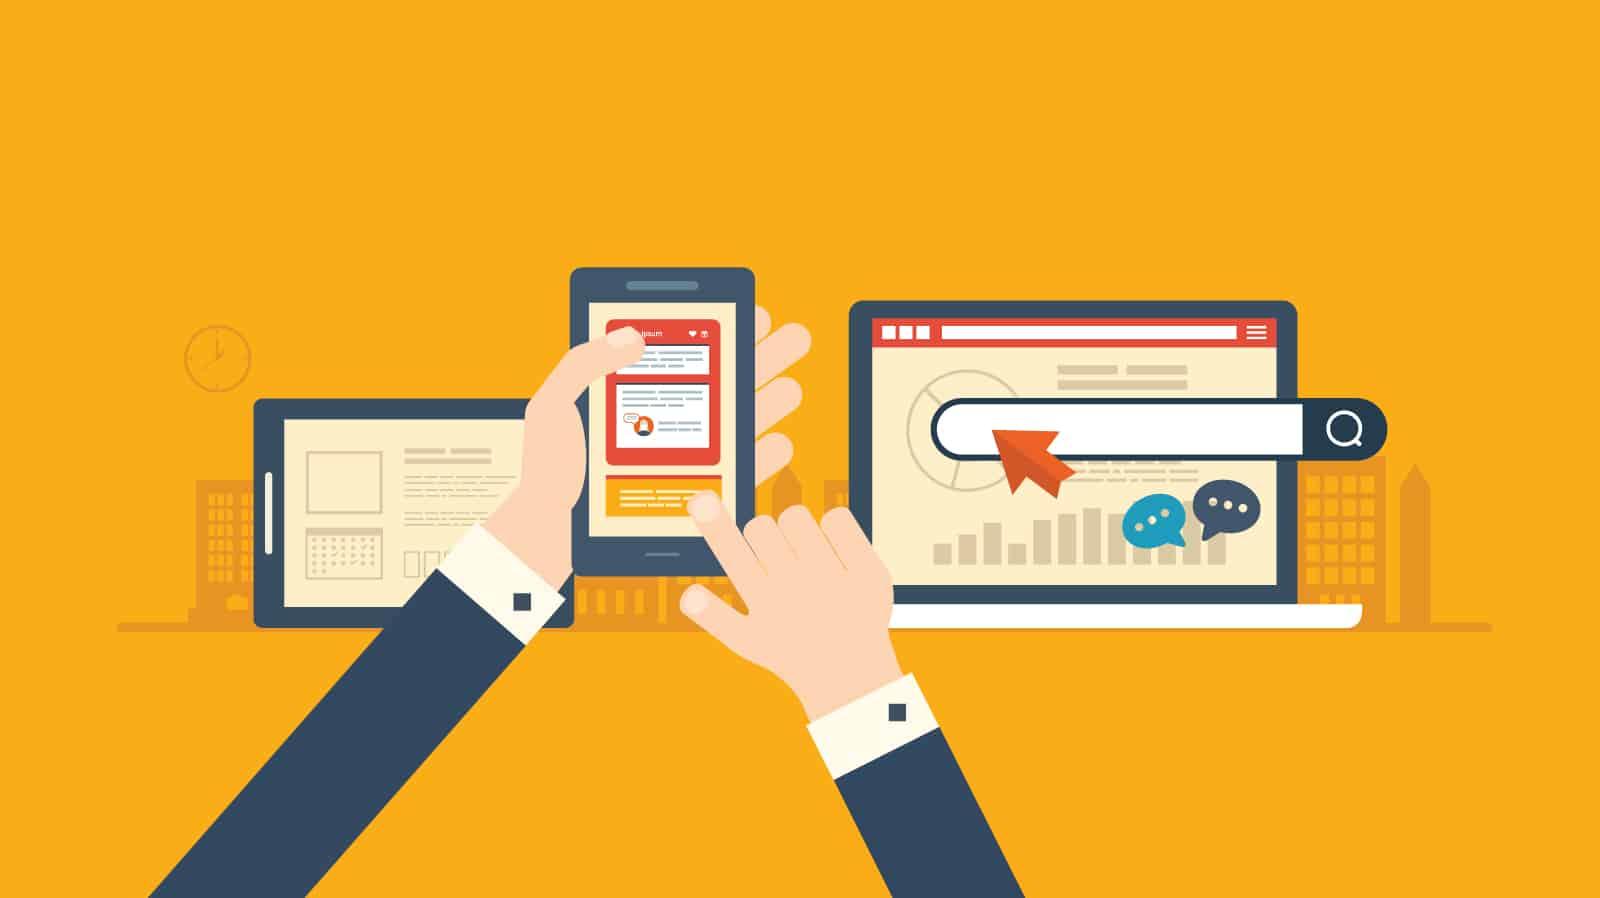 谷歌seo快速排名技巧-优化移动页面